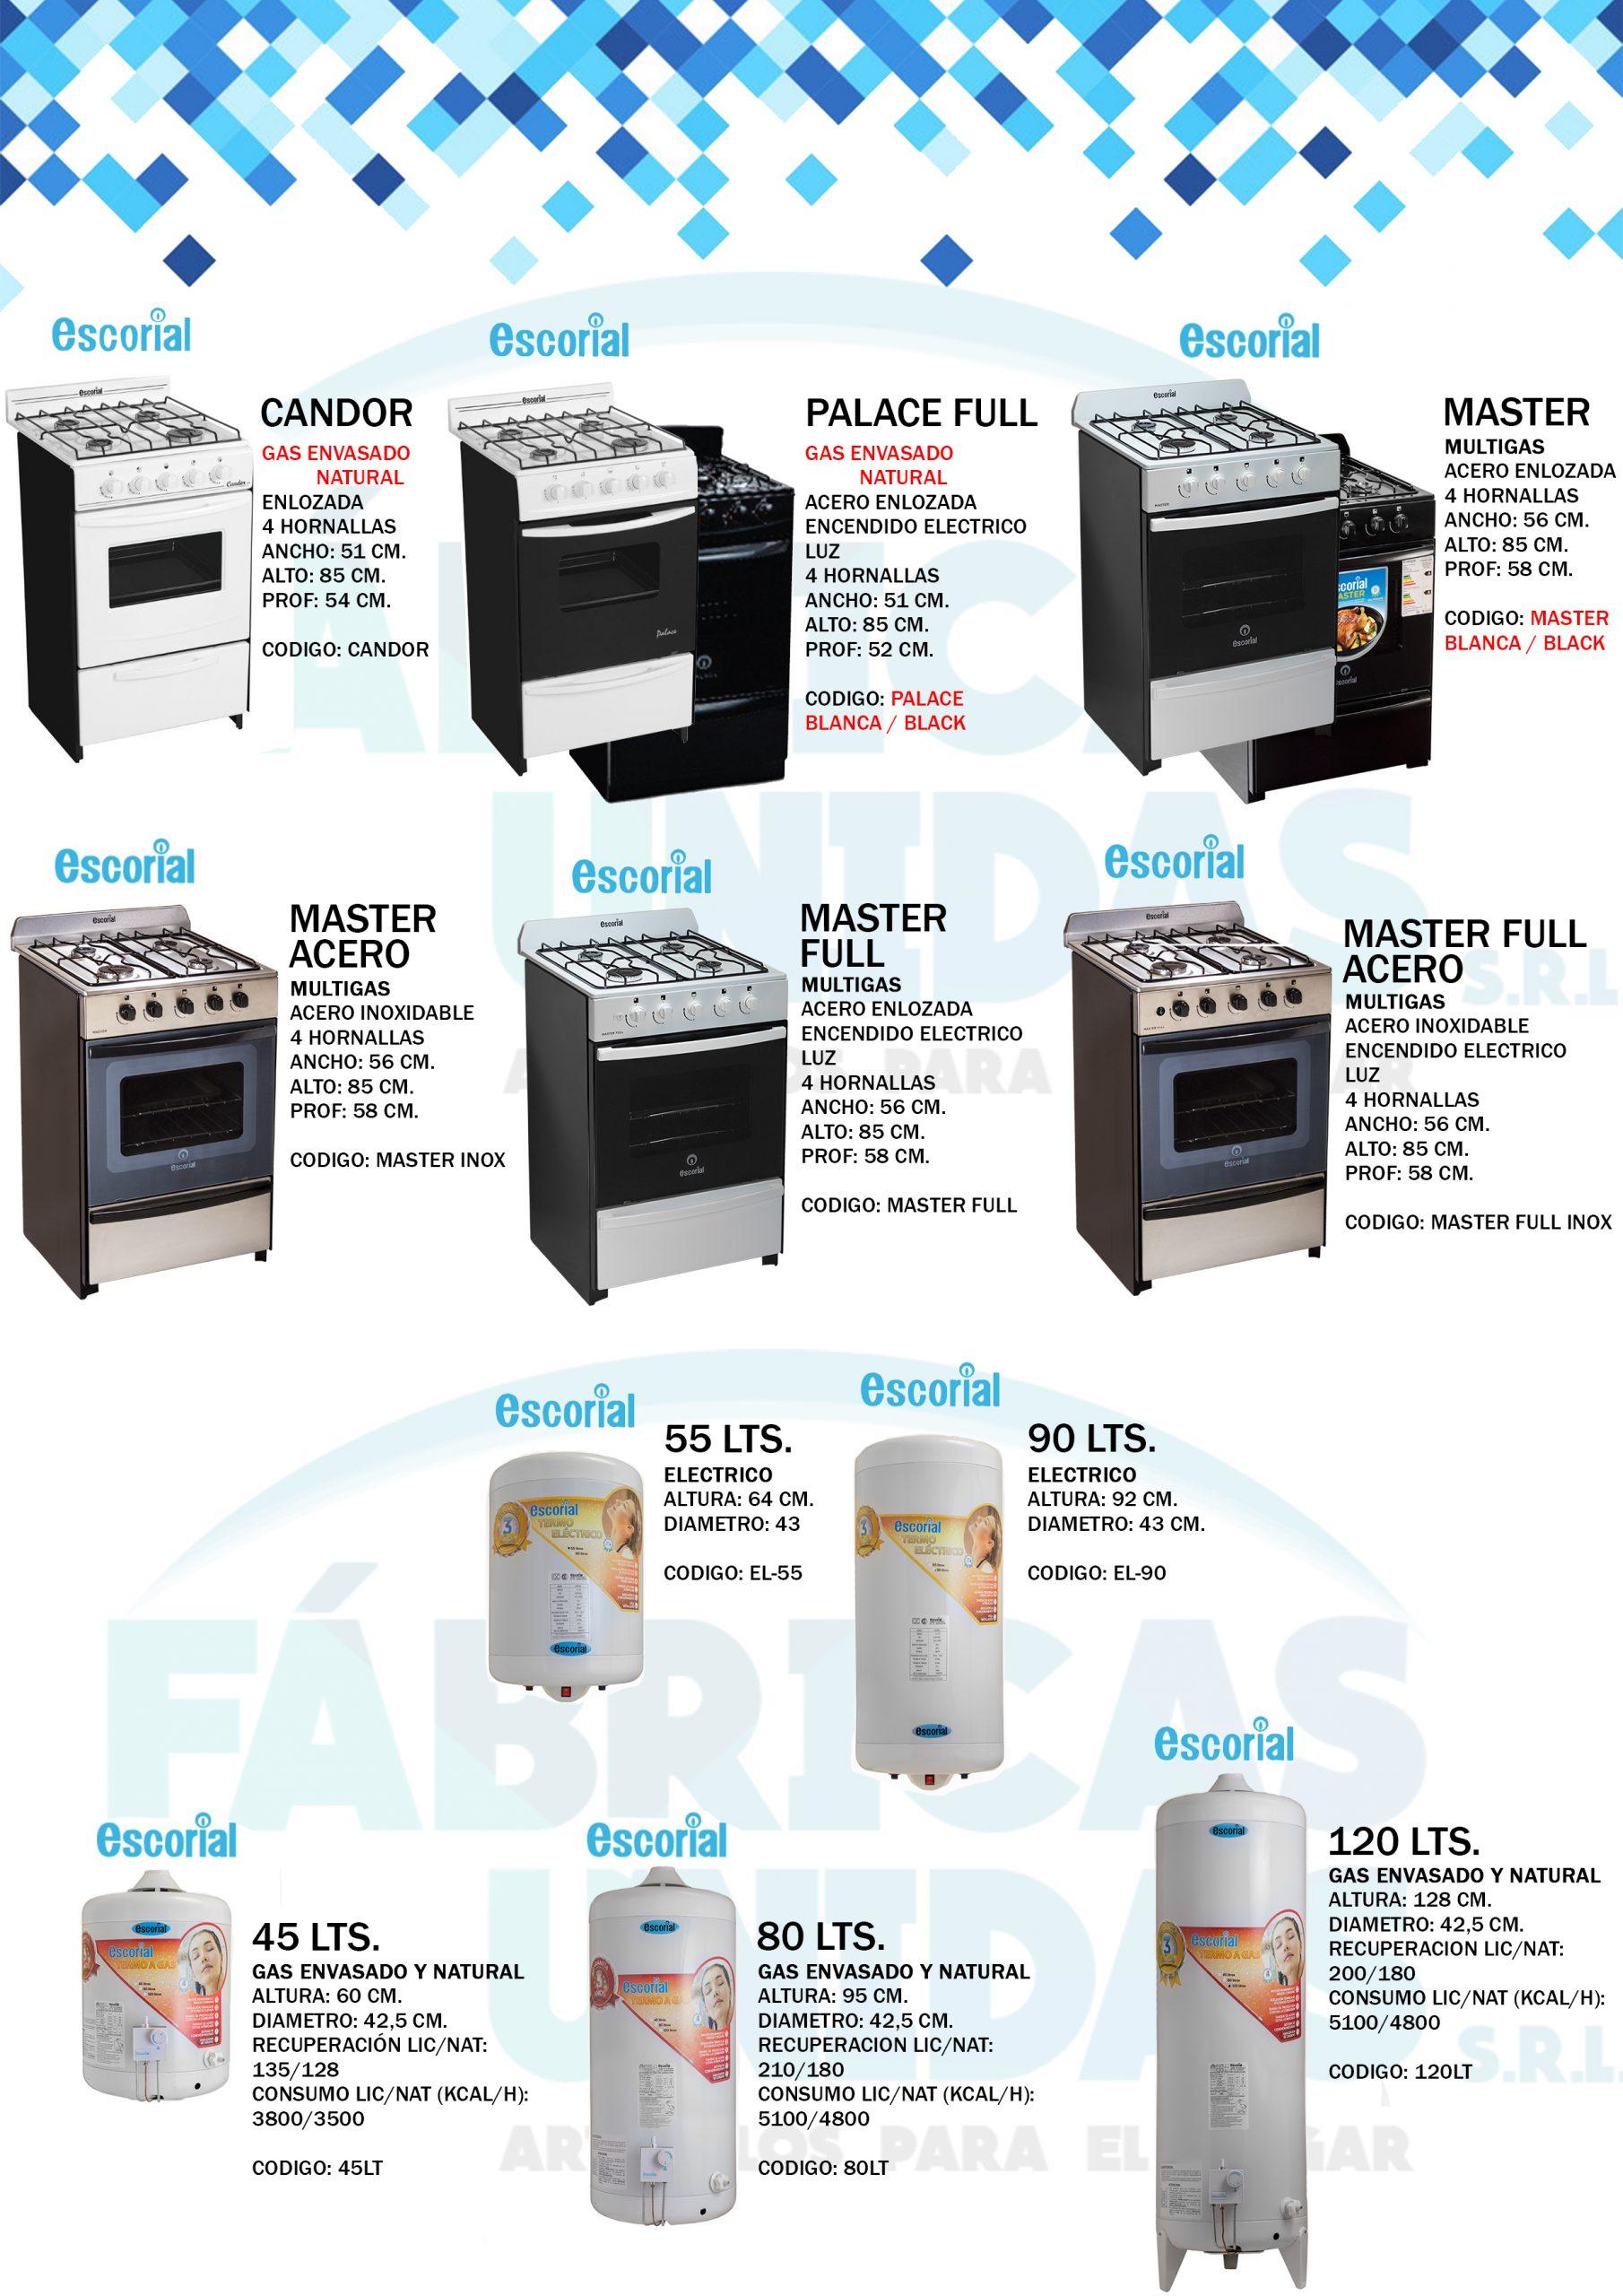 6 cocinas y termotanques ESCORIAL